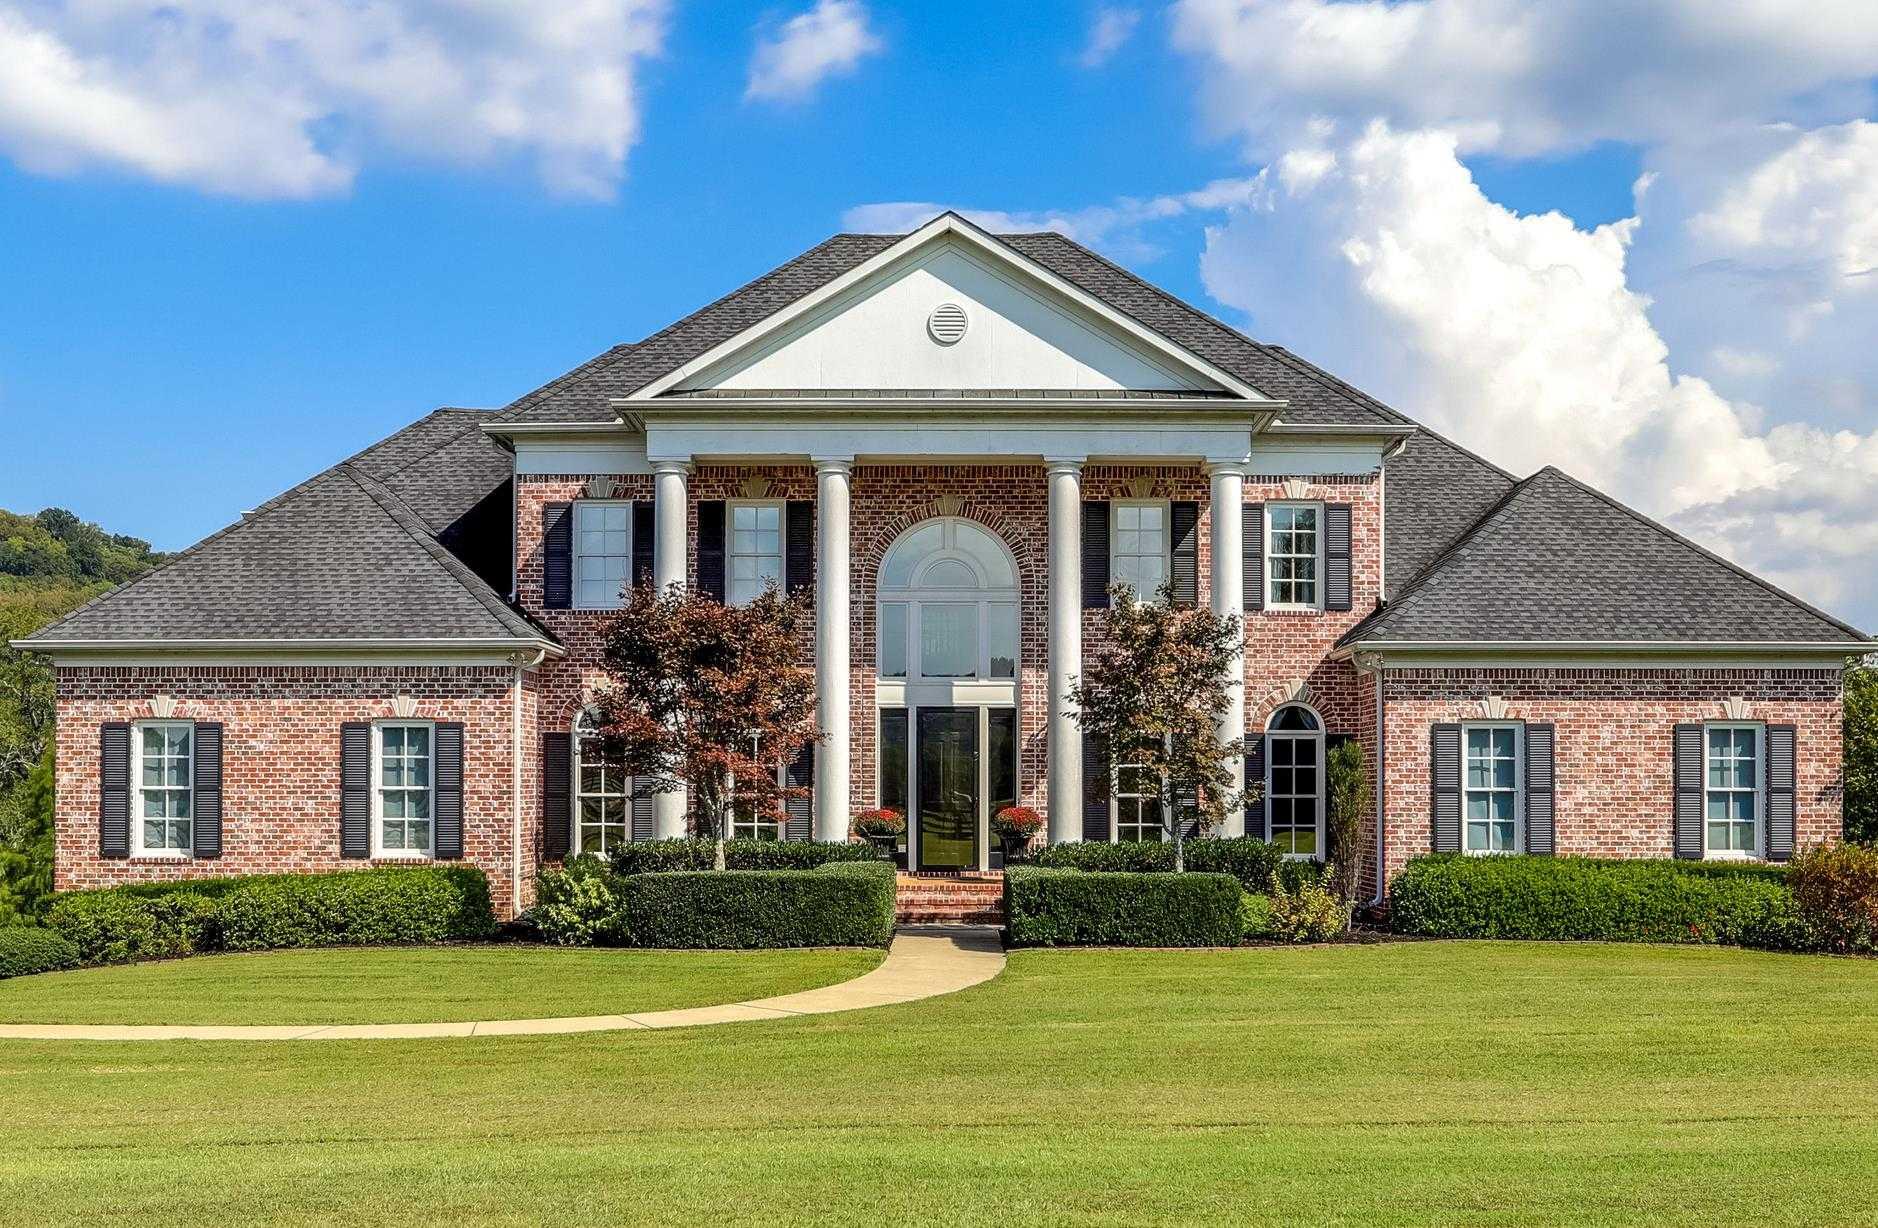 $2,685,000 - 5Br/6Ba -  for Sale in Brock Blake, Franklin